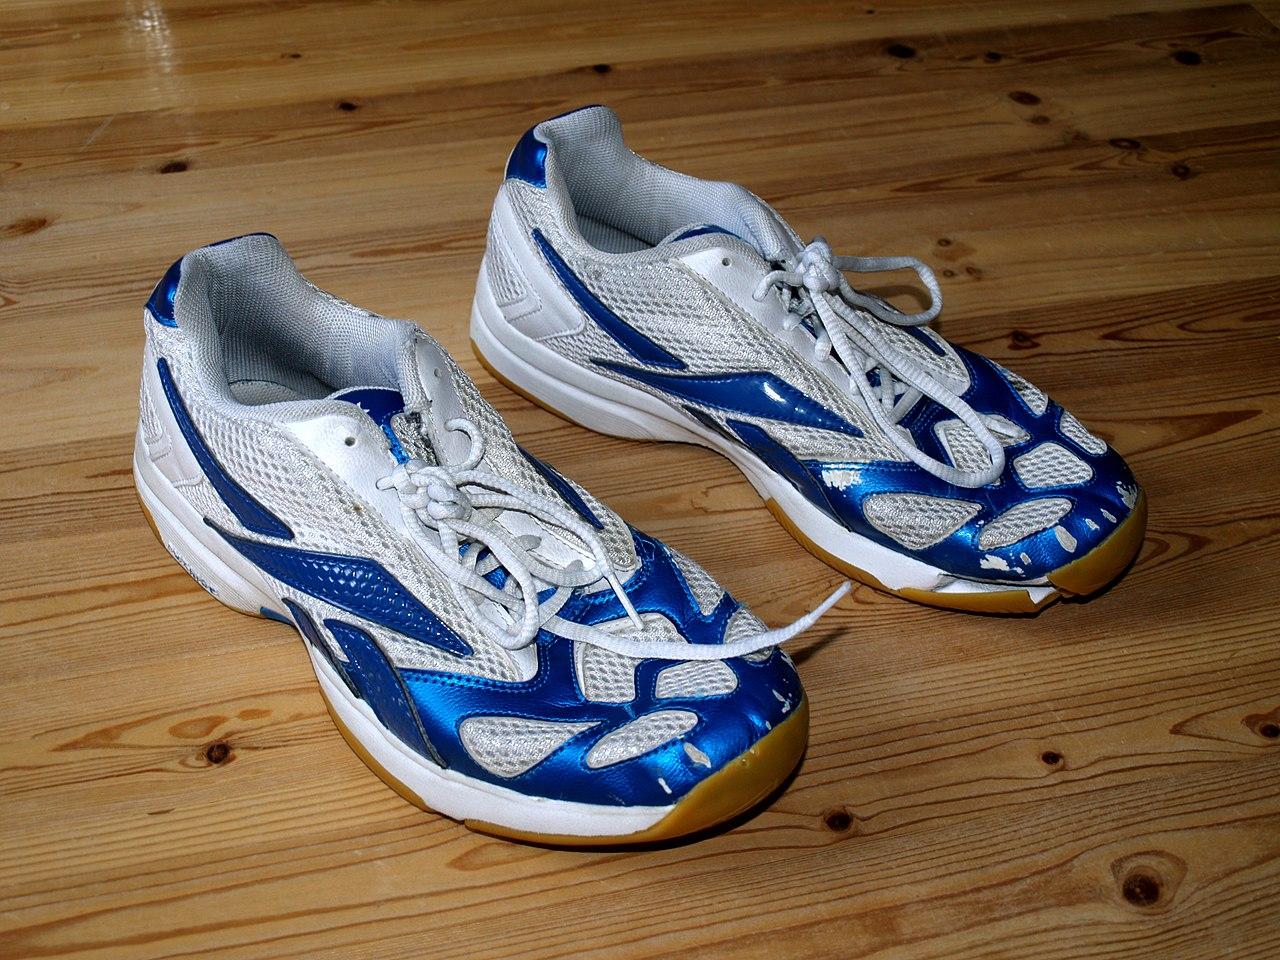 indoor chaussures court indoor chaussures reebok indoor reebok reebok court court ymN08wOPvn